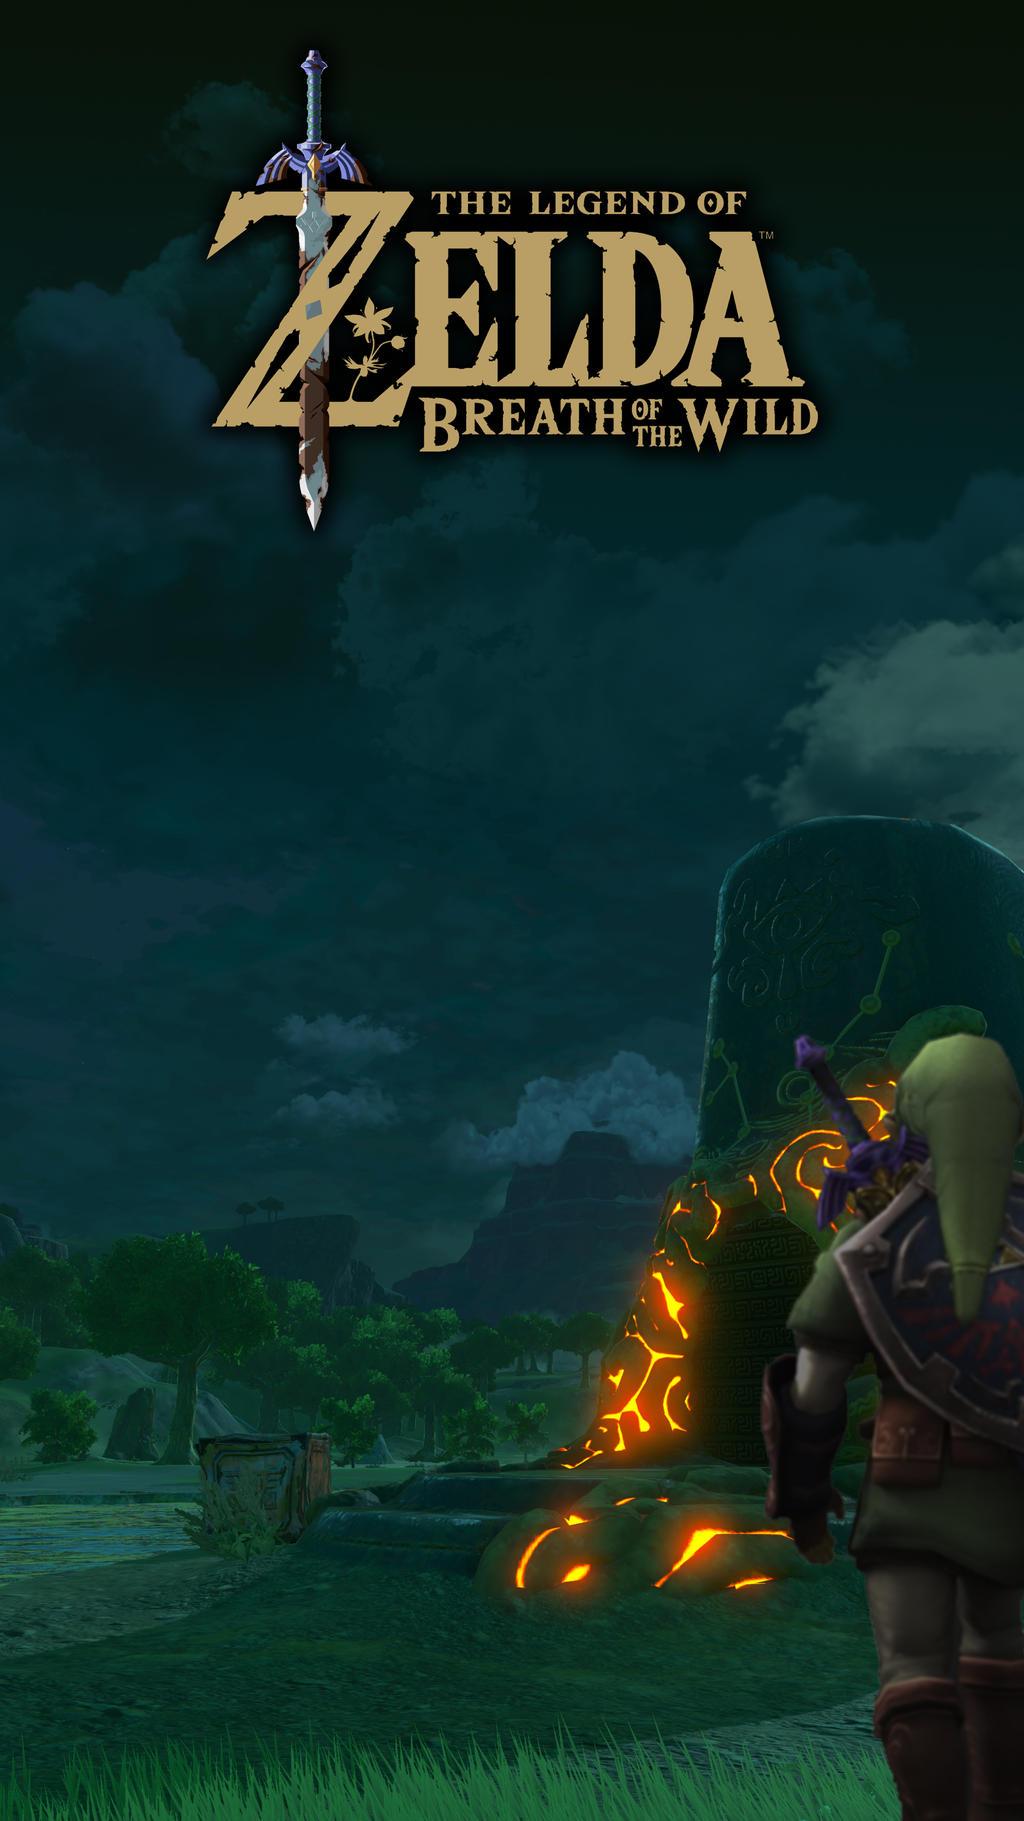 Zelda Botw 4k Phone Wallpaper By Acraham On Deviantart